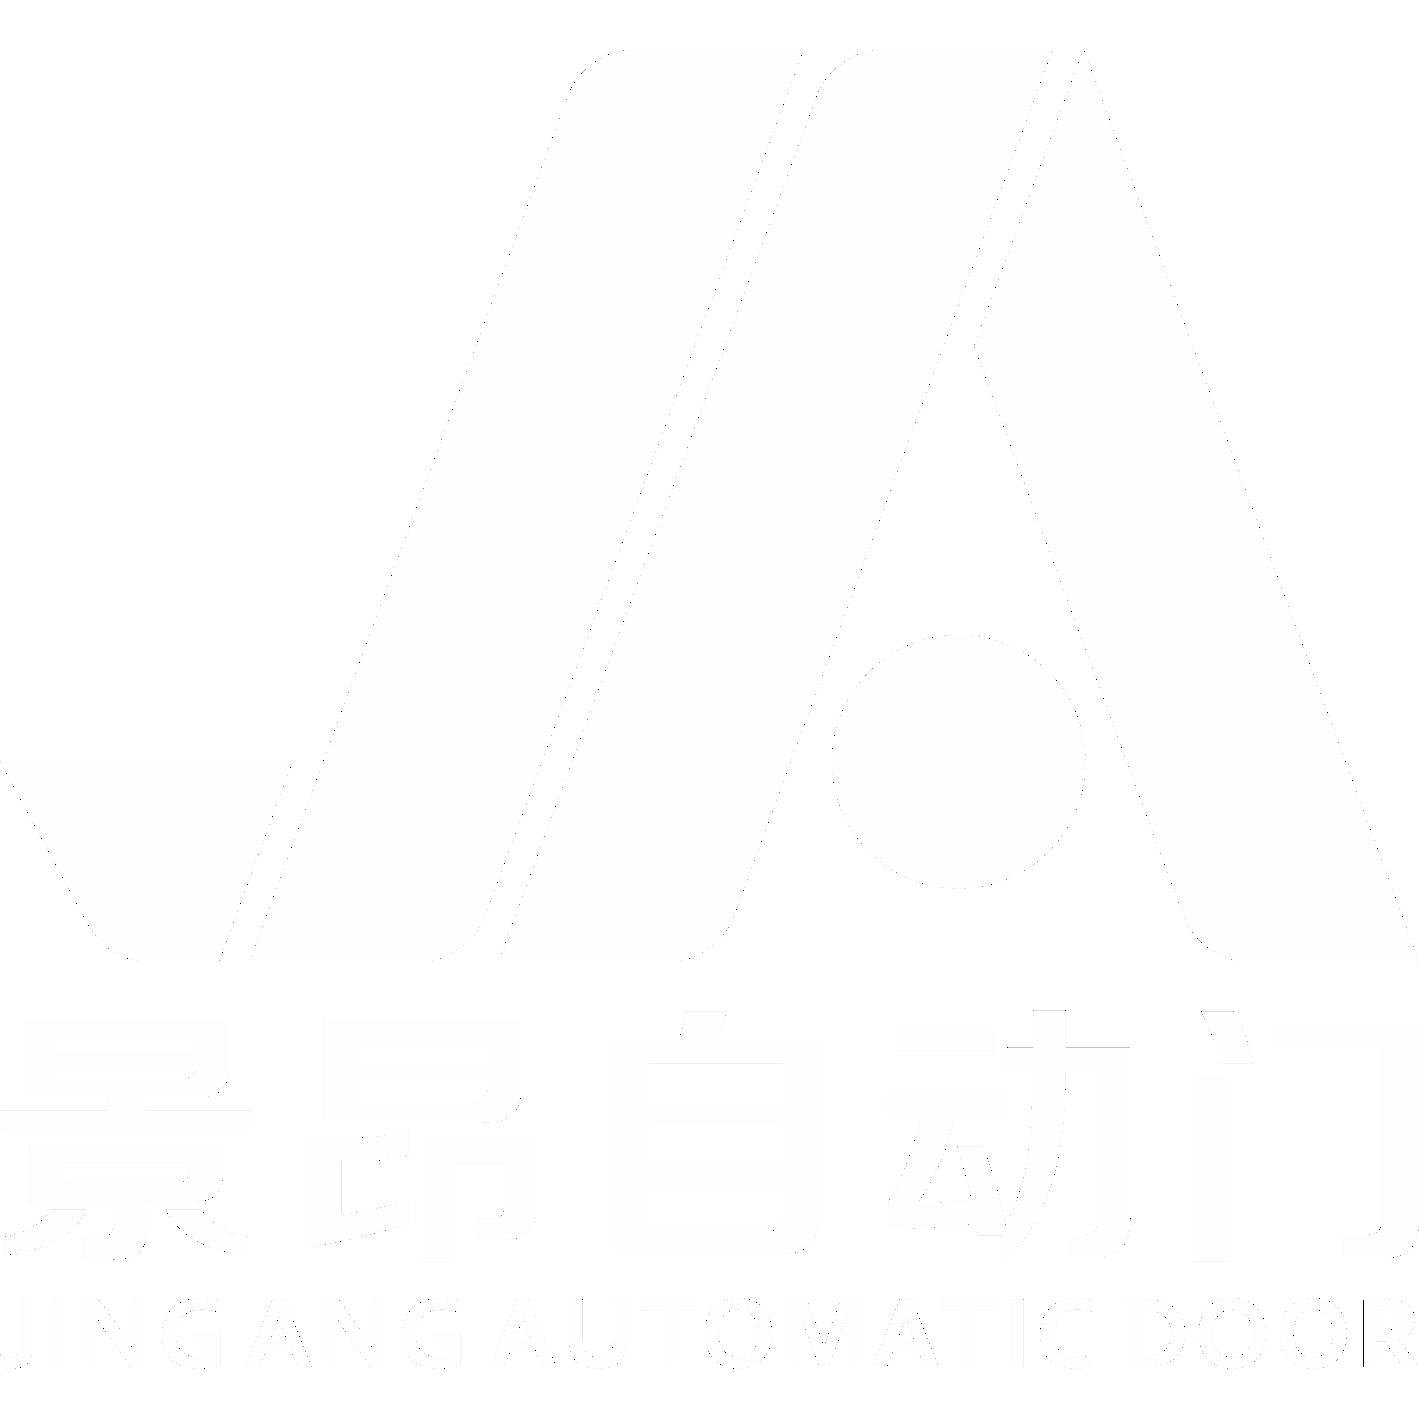 昆明景昂球王会app有限公司